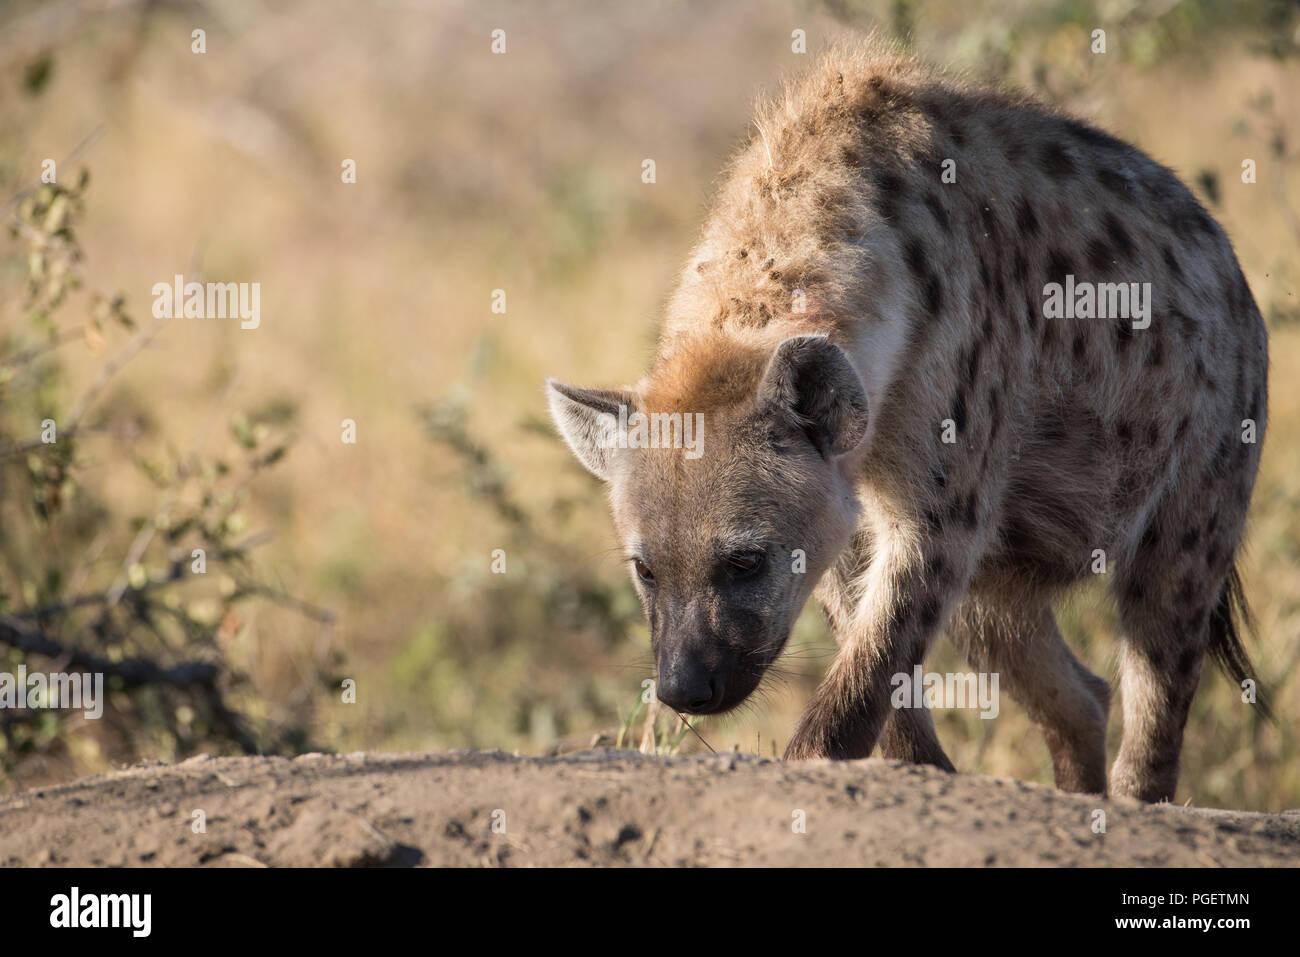 Vista frontal del Spotted Hyena caminando con la cabeza hacia abajo se muestrea el suelo. Imagen De Stock